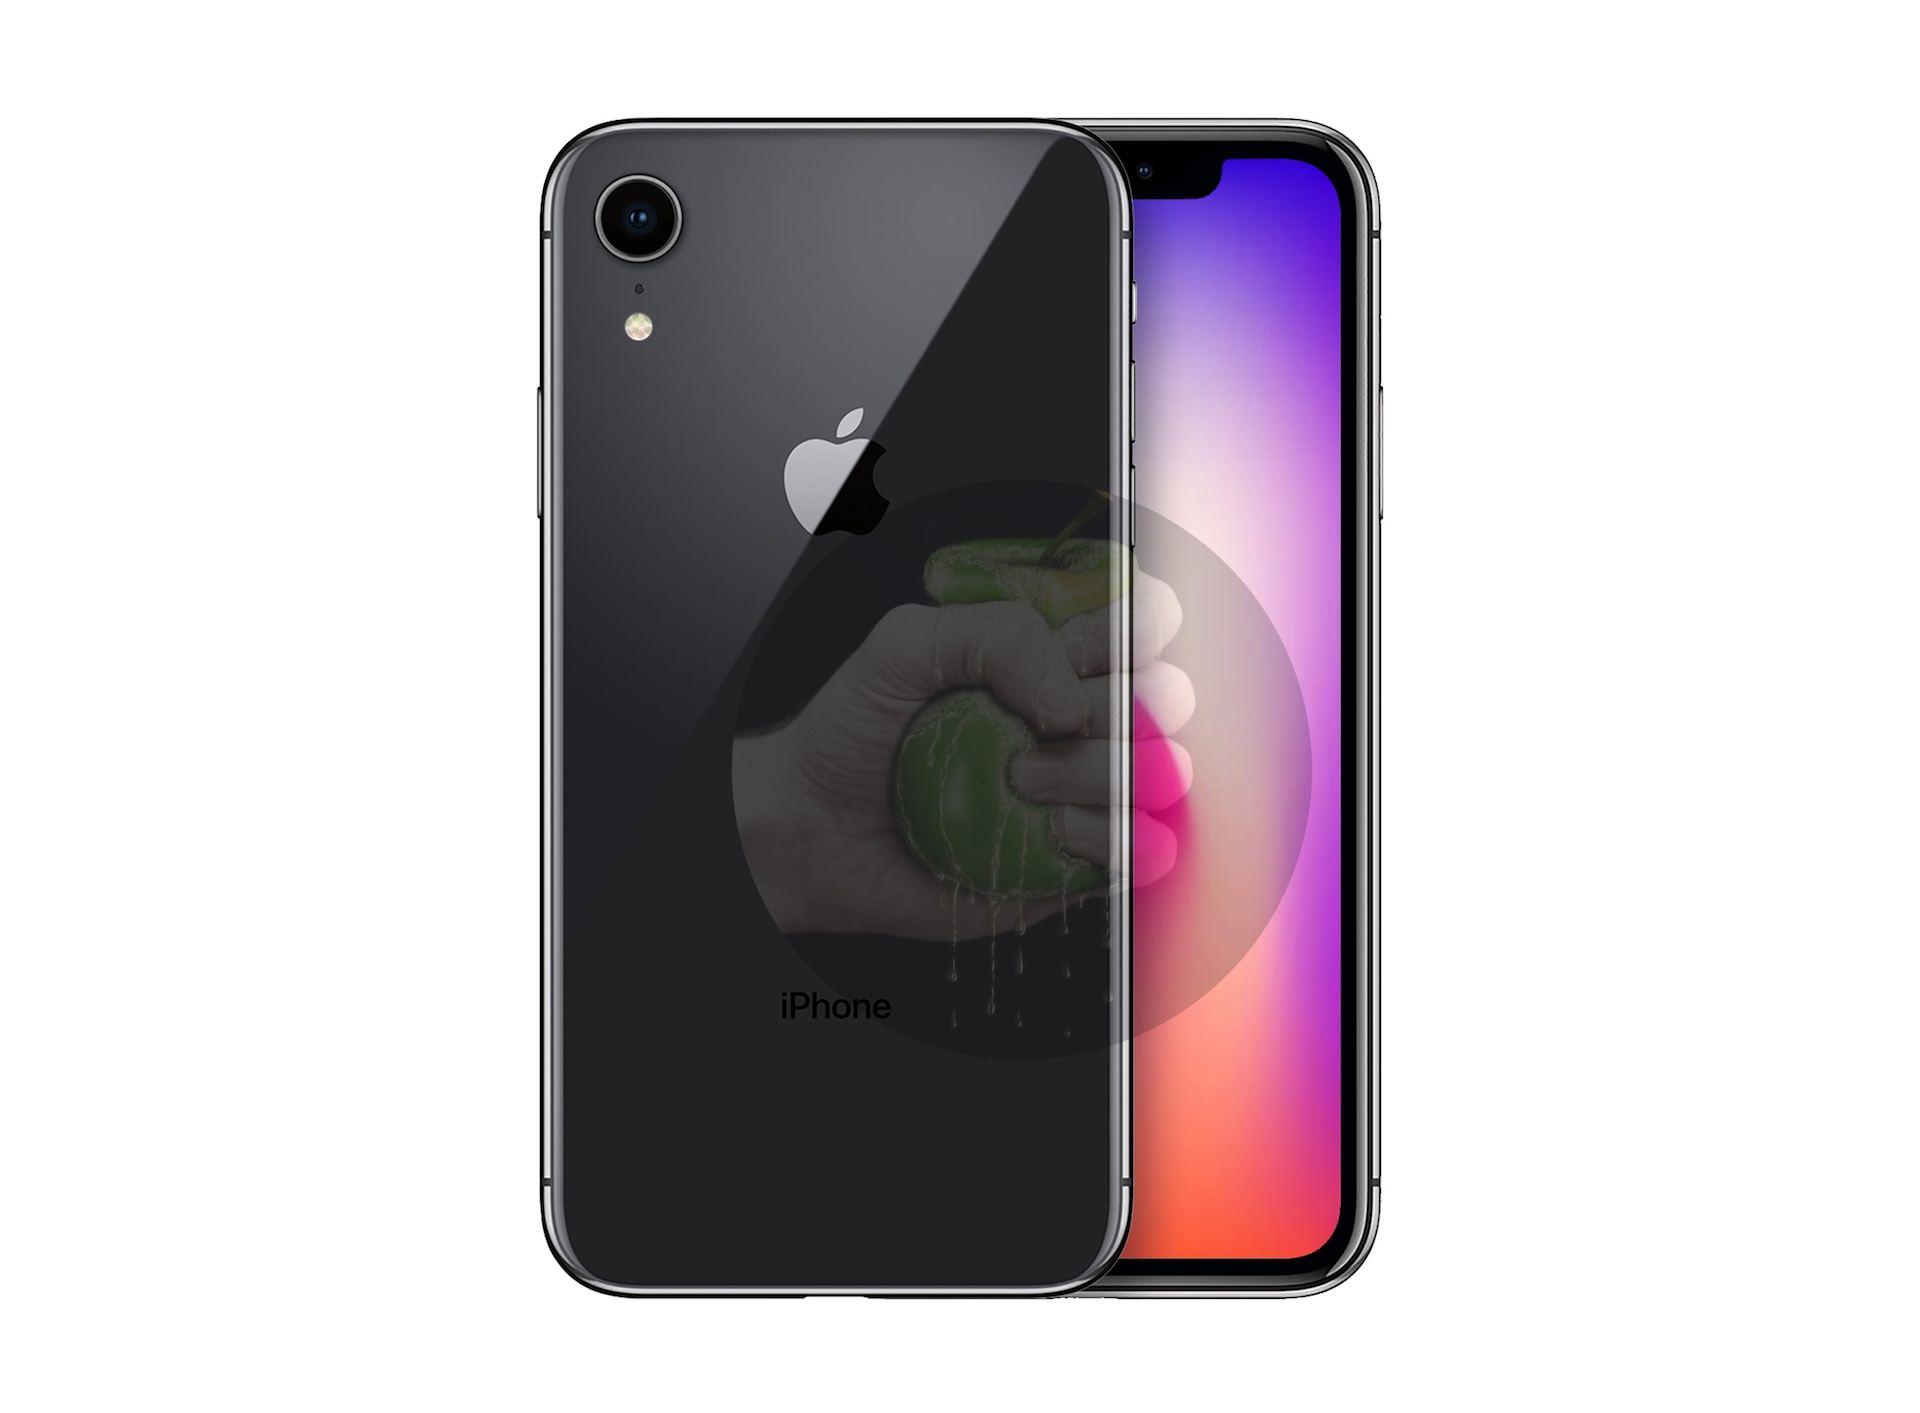 من المفترض أن يكون iPhone 6.1 مزودًا بشاشة LCD وكاميرا خلفية